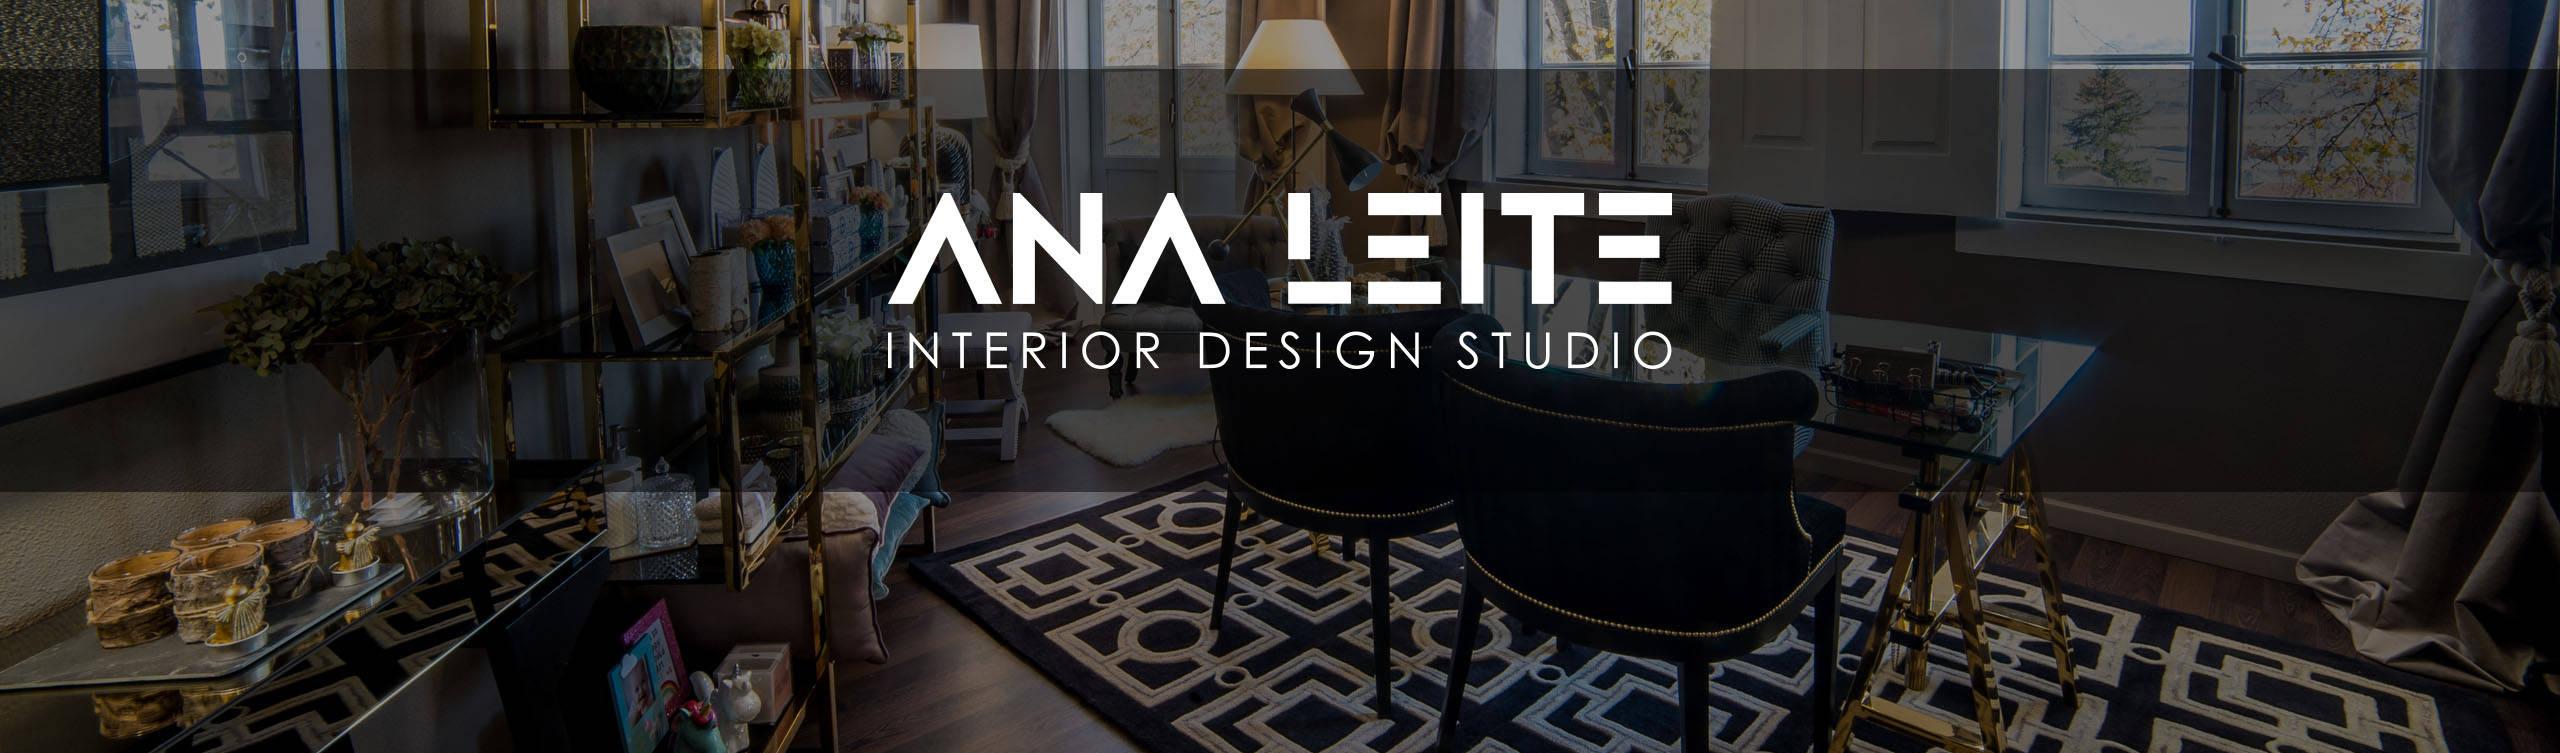 ANA LEITE—INTERIOR DESIGN STUDIO